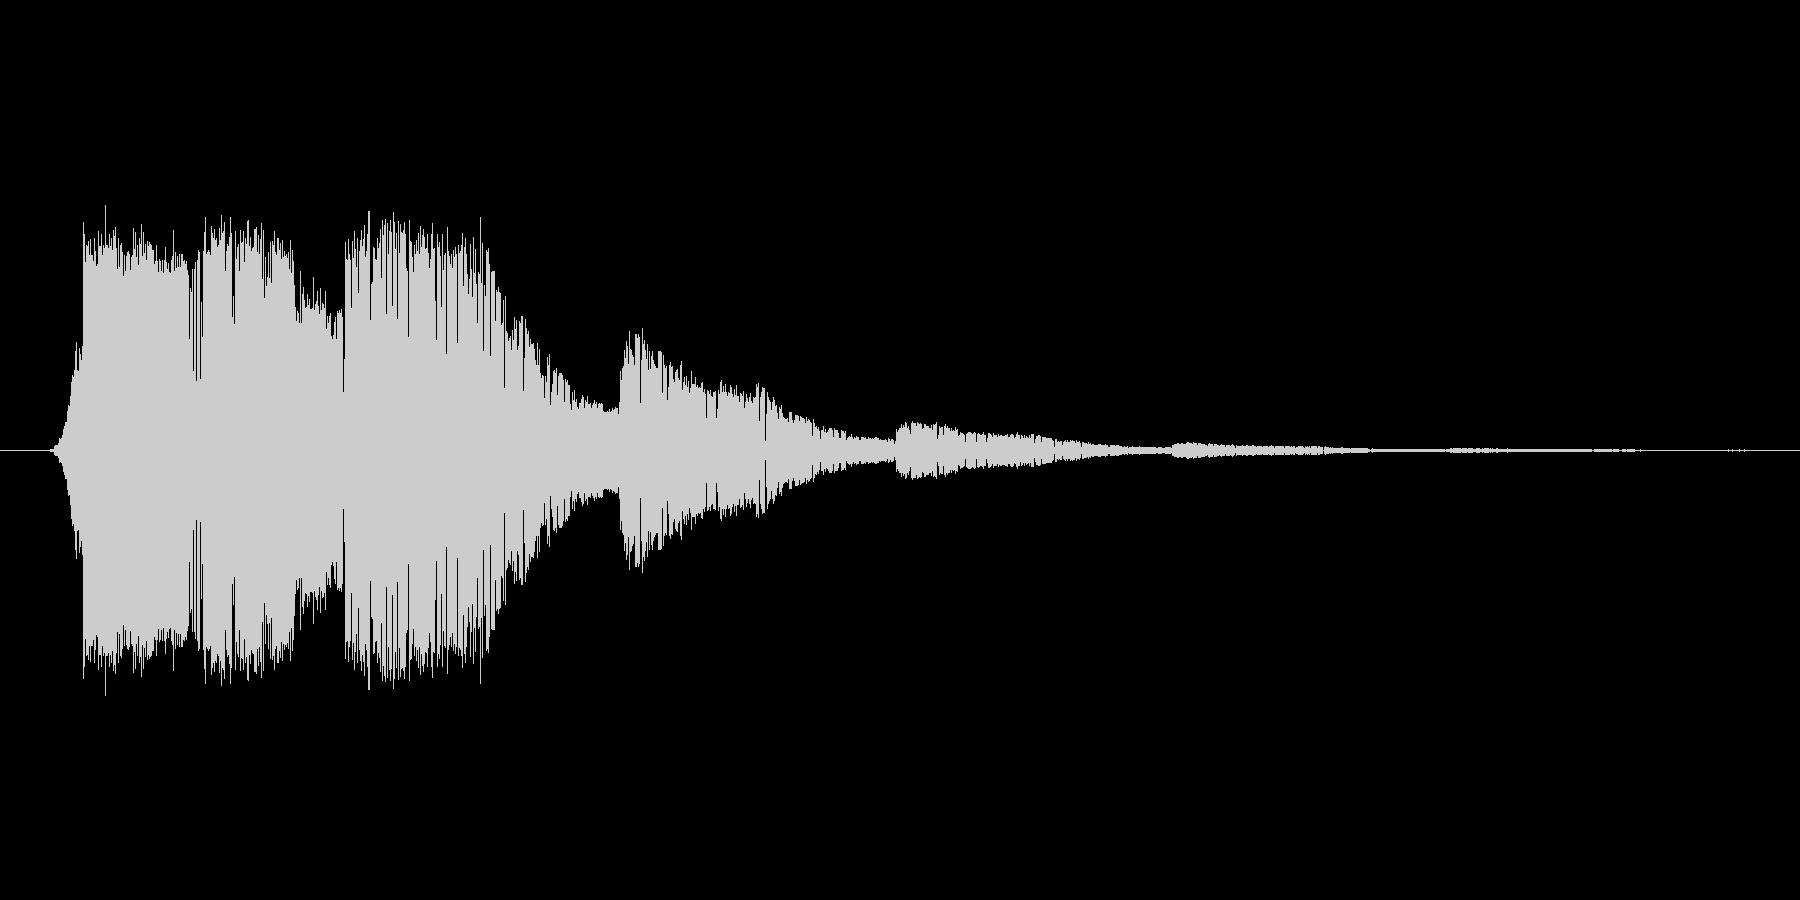 ファミコン風効果音 キャンセル系 02の未再生の波形